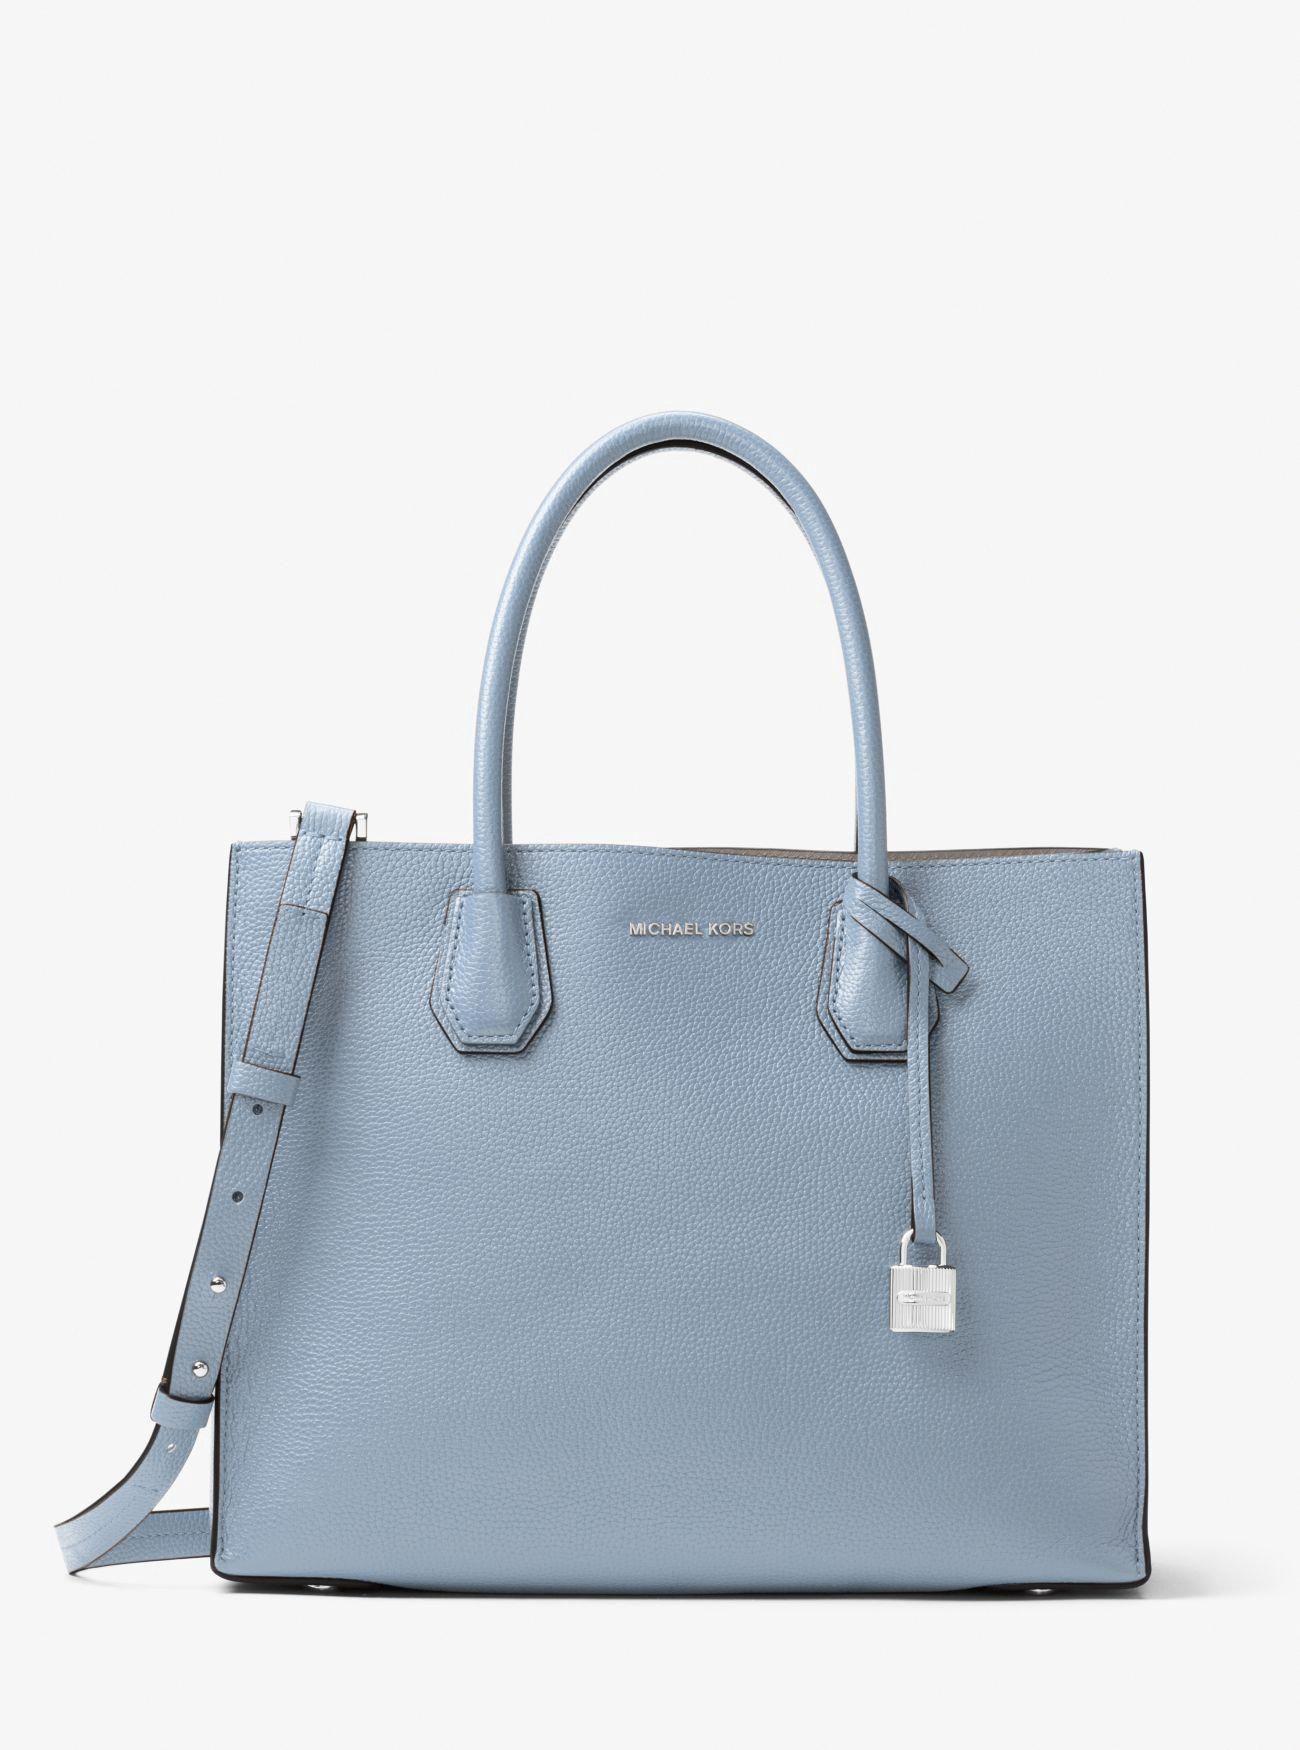 153efbe3b73c Michael Kors Mercer Large Leather Tote - Optic White  Handbagsmichaelkors